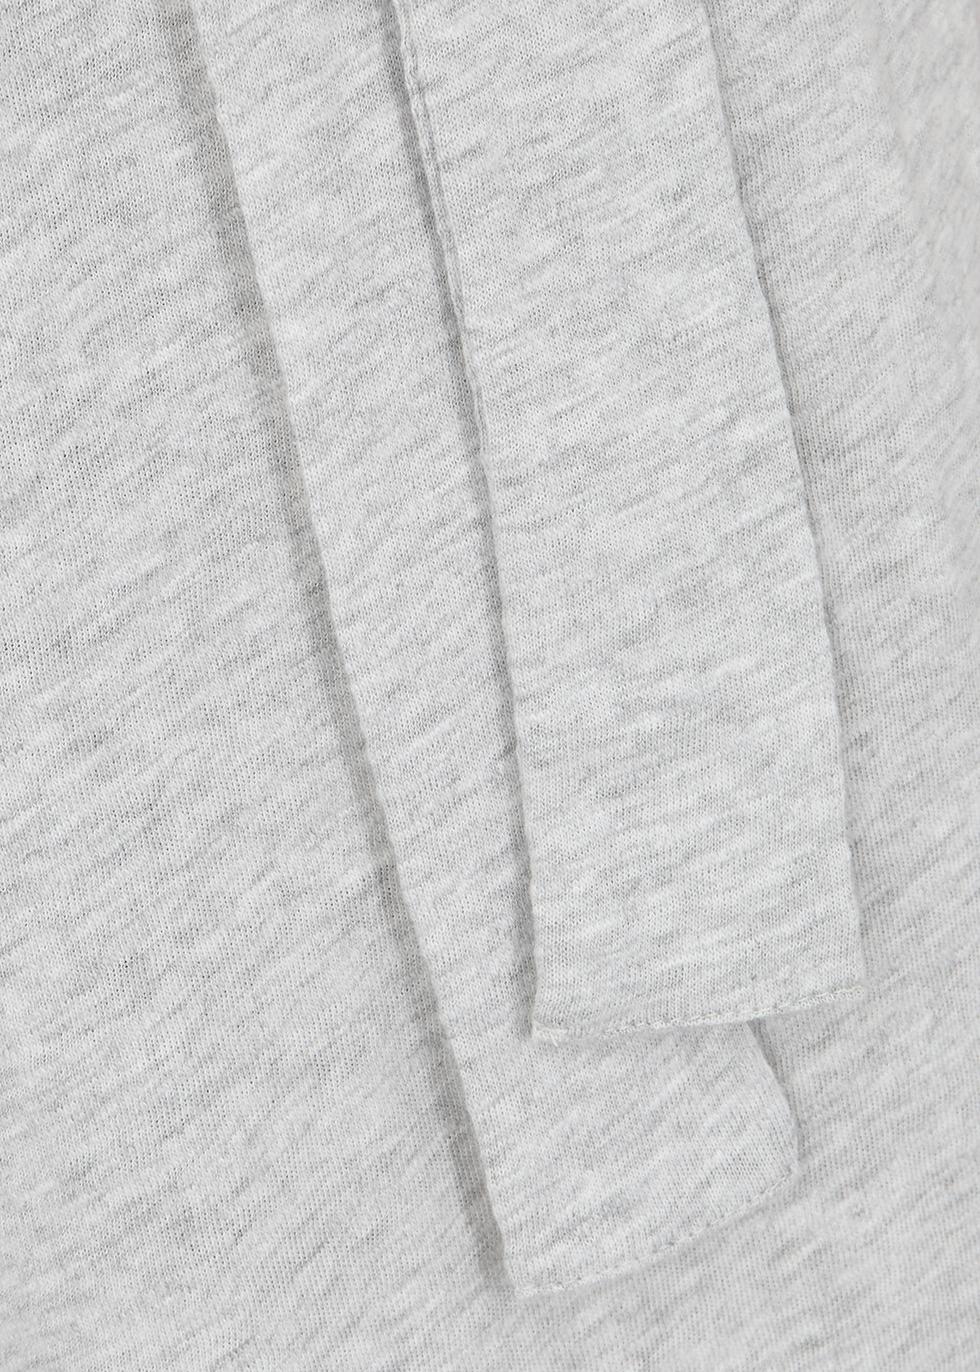 Bysapick cotton-jersey dress - American Vintage